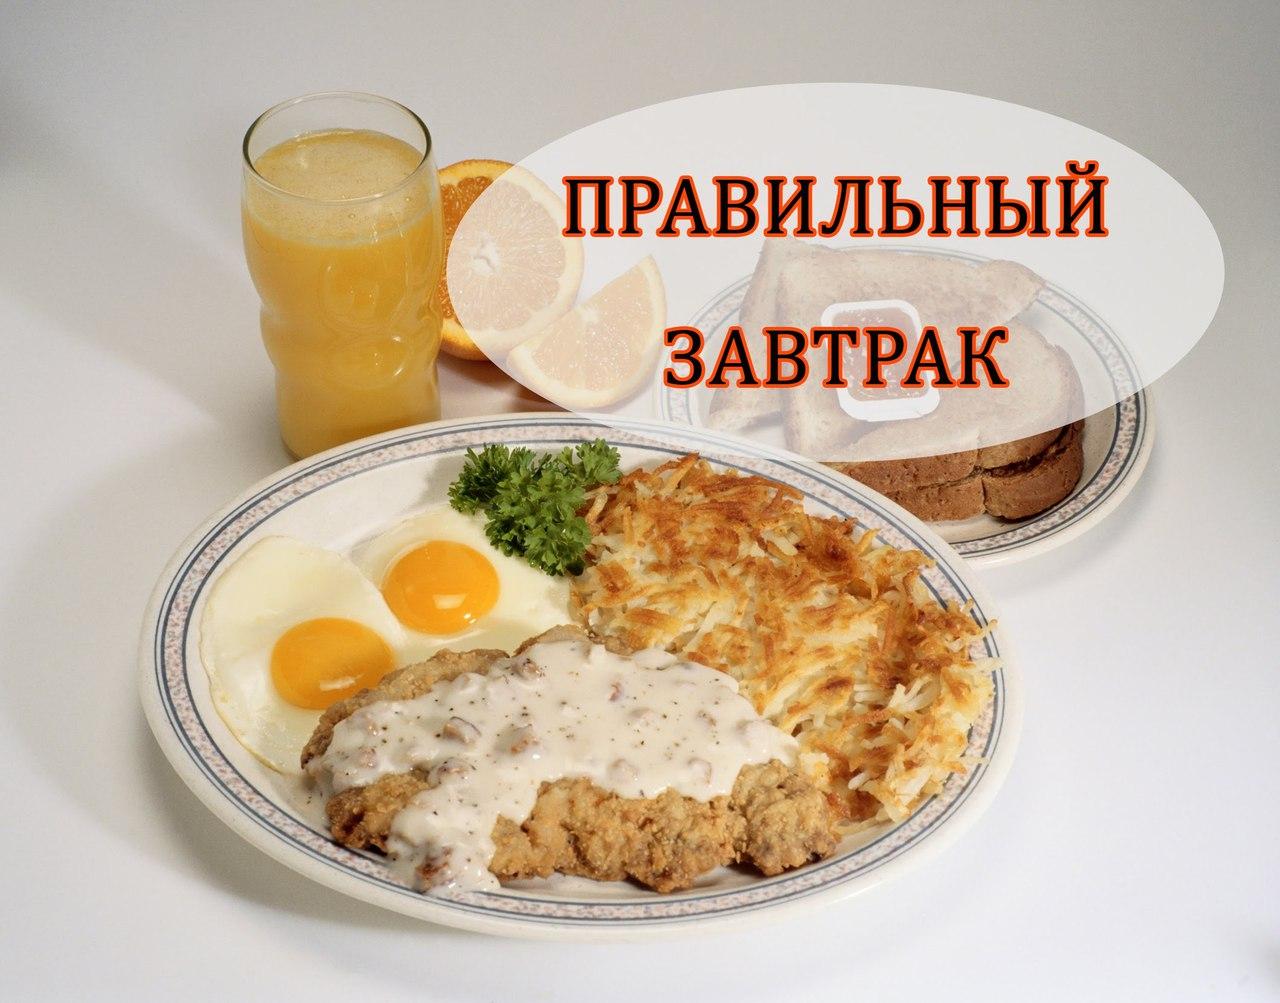 Правильные завтраки для похудения рецепты с фото